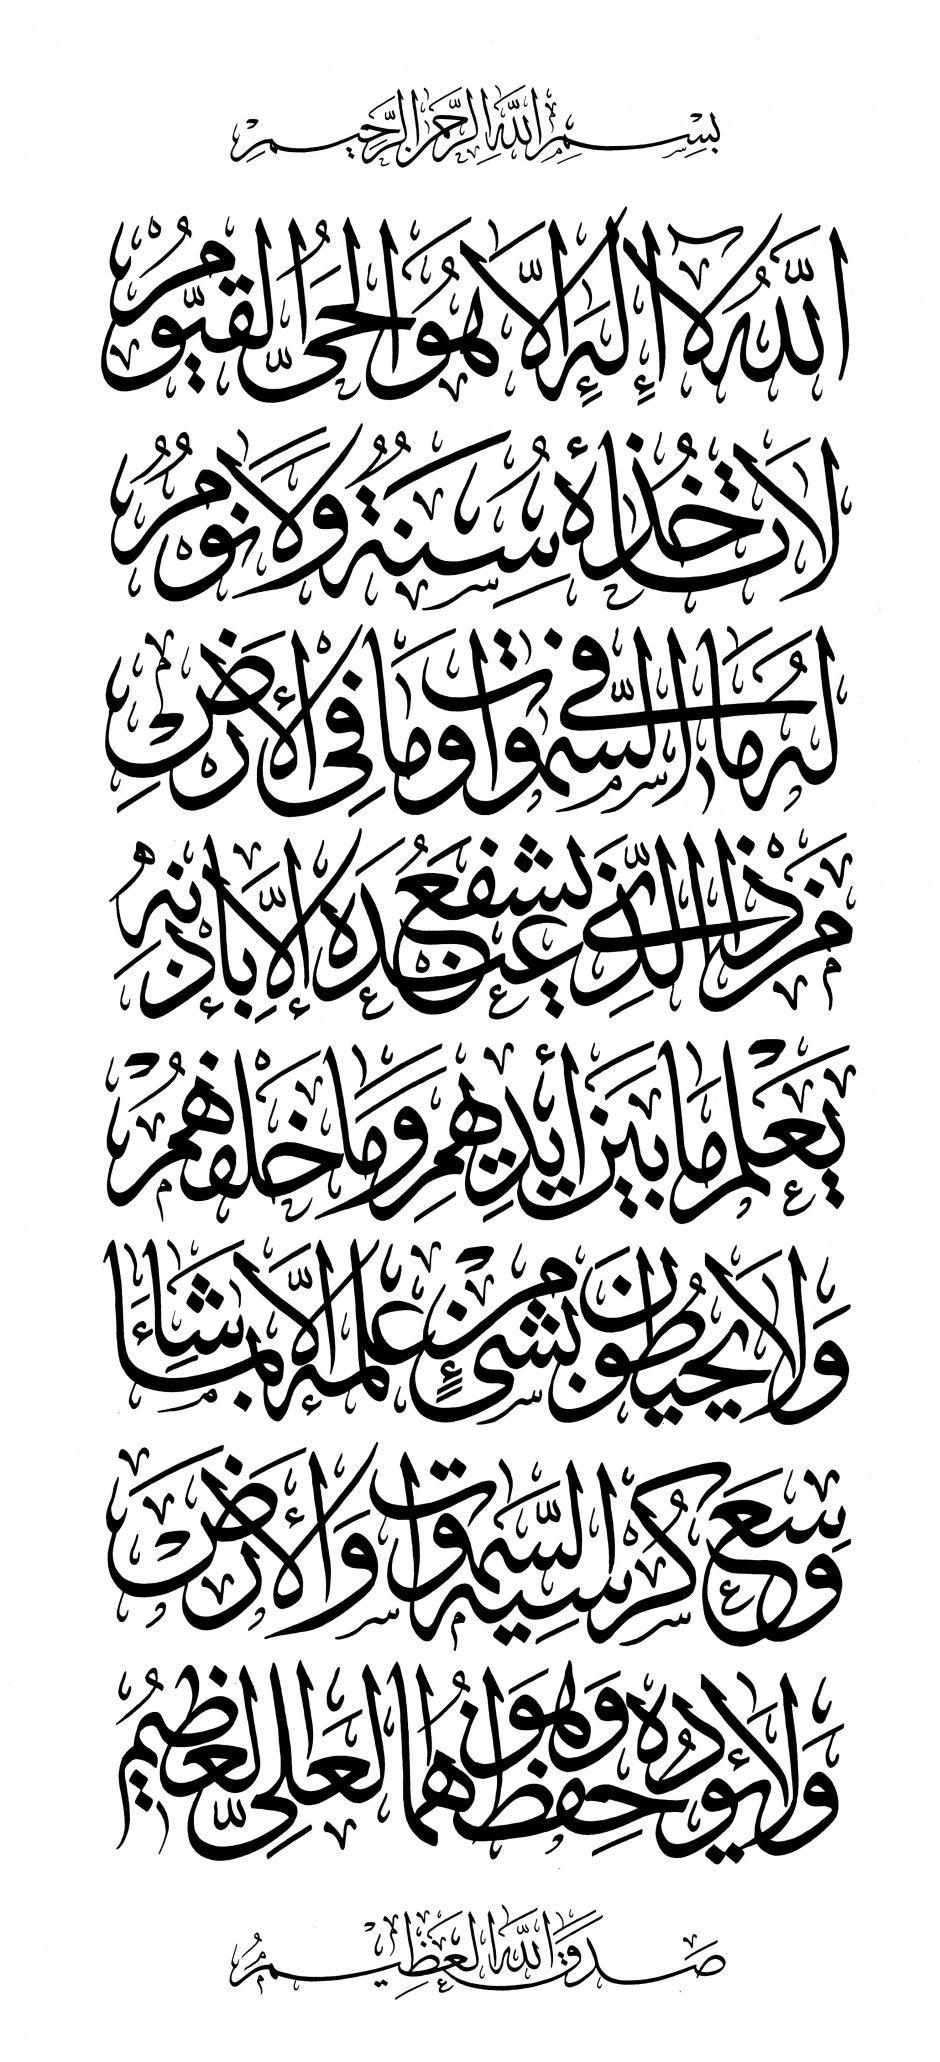 Kaligrafi Ayat Kursi Hd : kaligrafi, kursi, Calligraphy